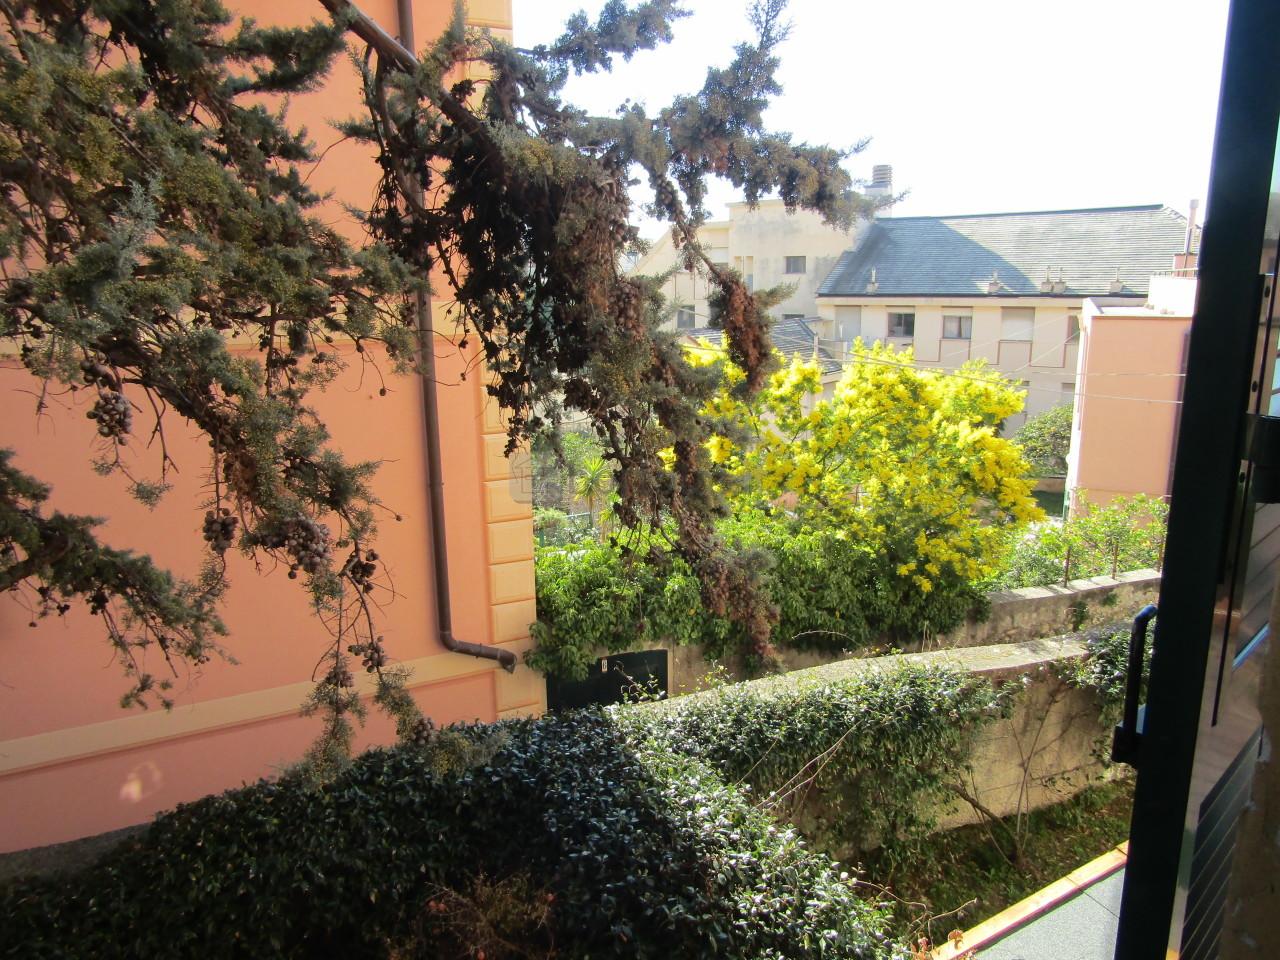 genova affitto quart: quinto immobiliare bortolai.it srl